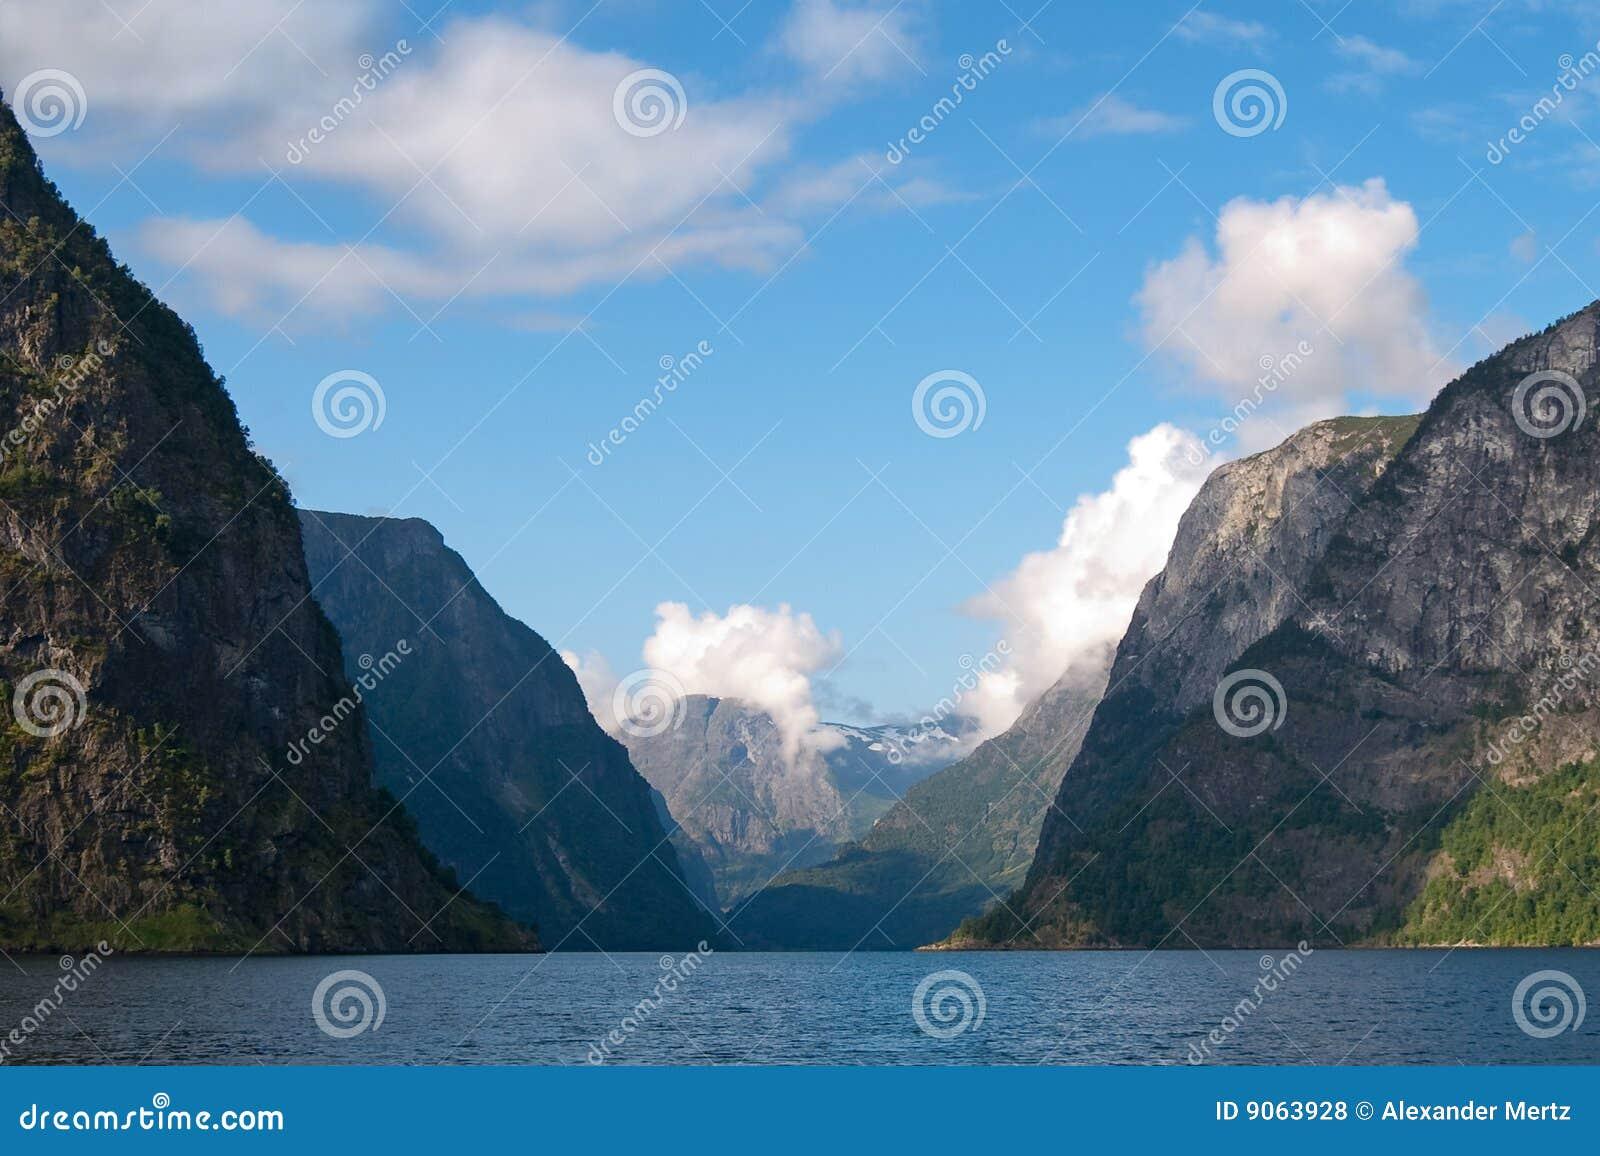 Dziedzictwa naeroyfjord Norway unesco świat